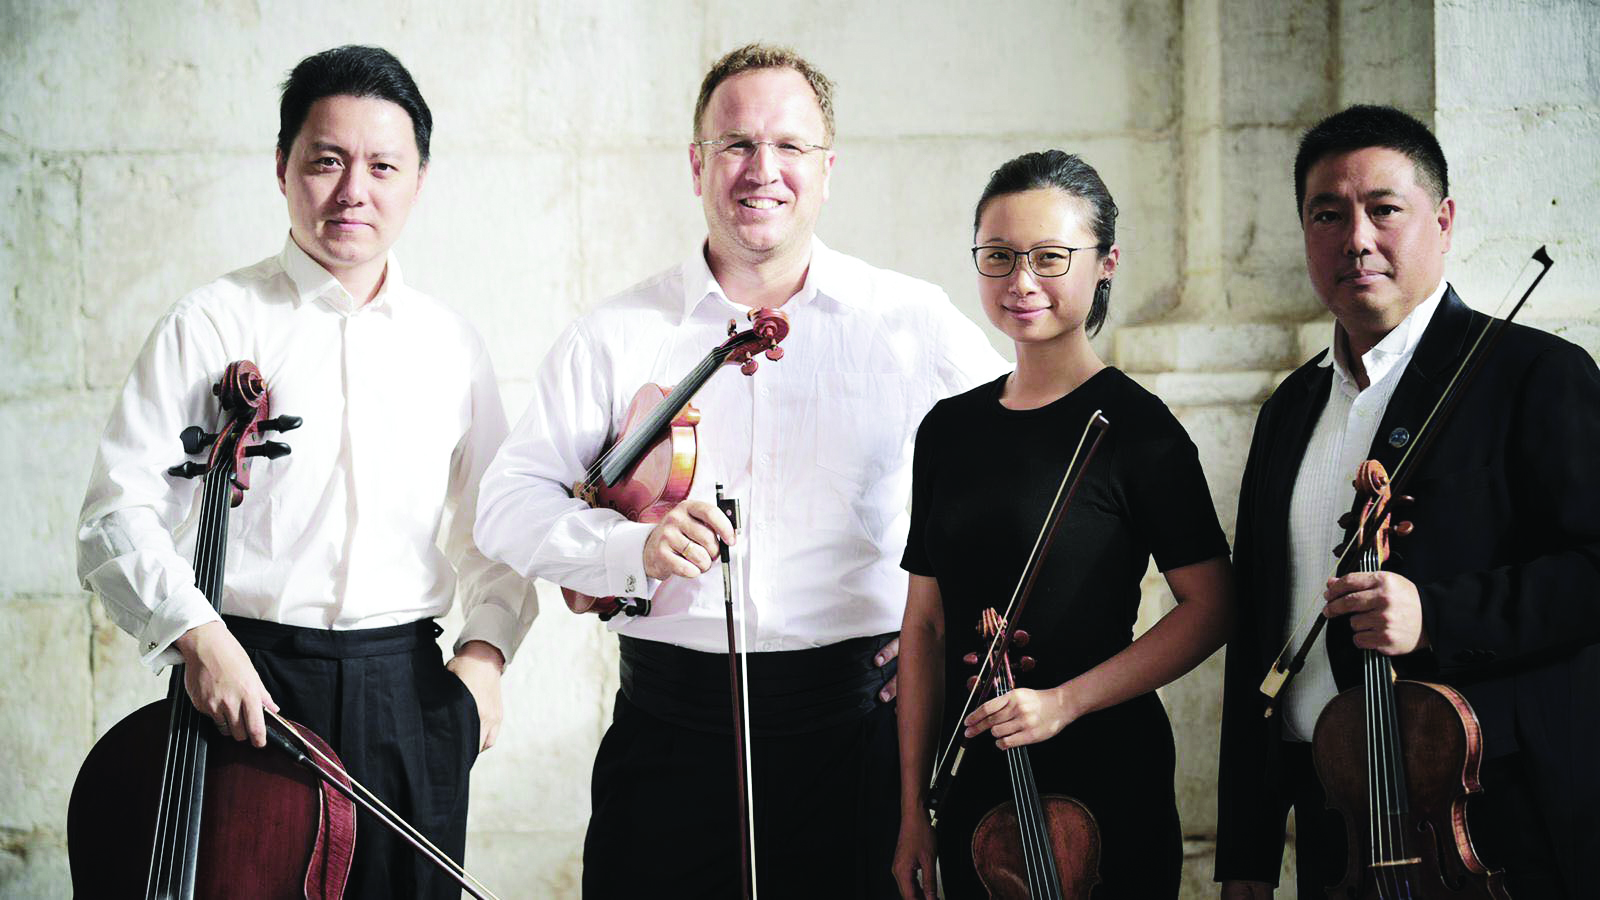 Alliance Française de Macau | Festival de música barroca arranca sábado